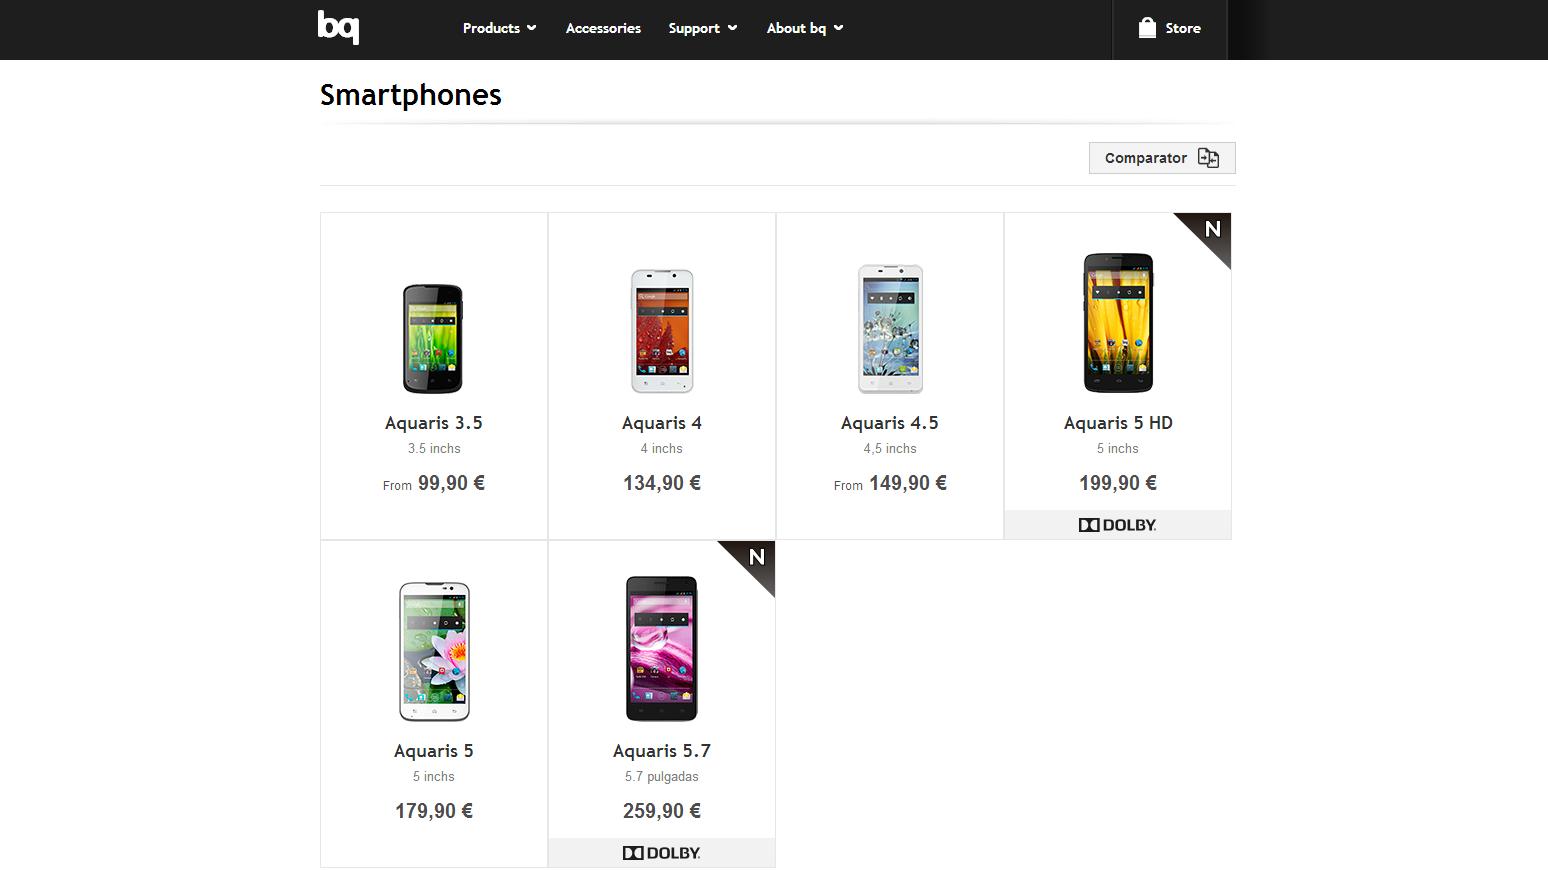 bq readers smartphones